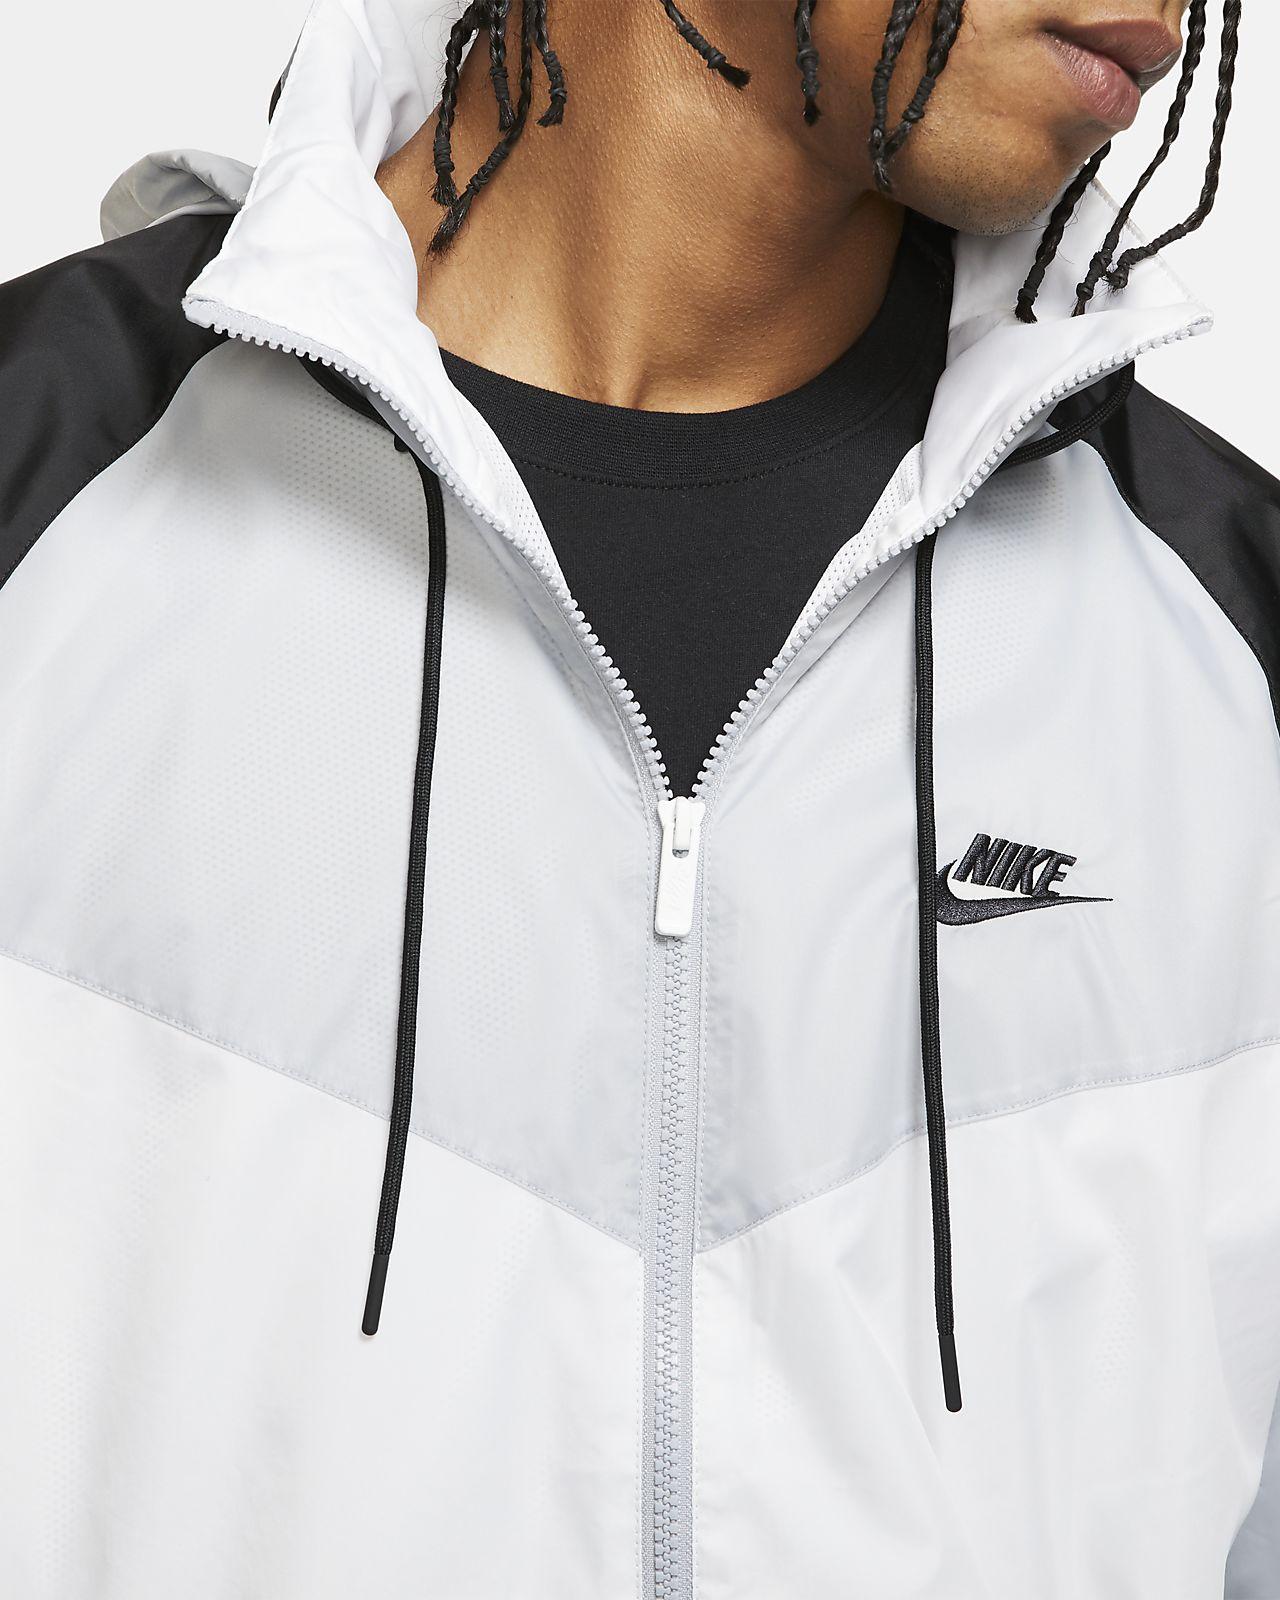 NIKE windbreaker in charcoal KicksNike antrekk, Nike Kicks Nike outfits, Nike